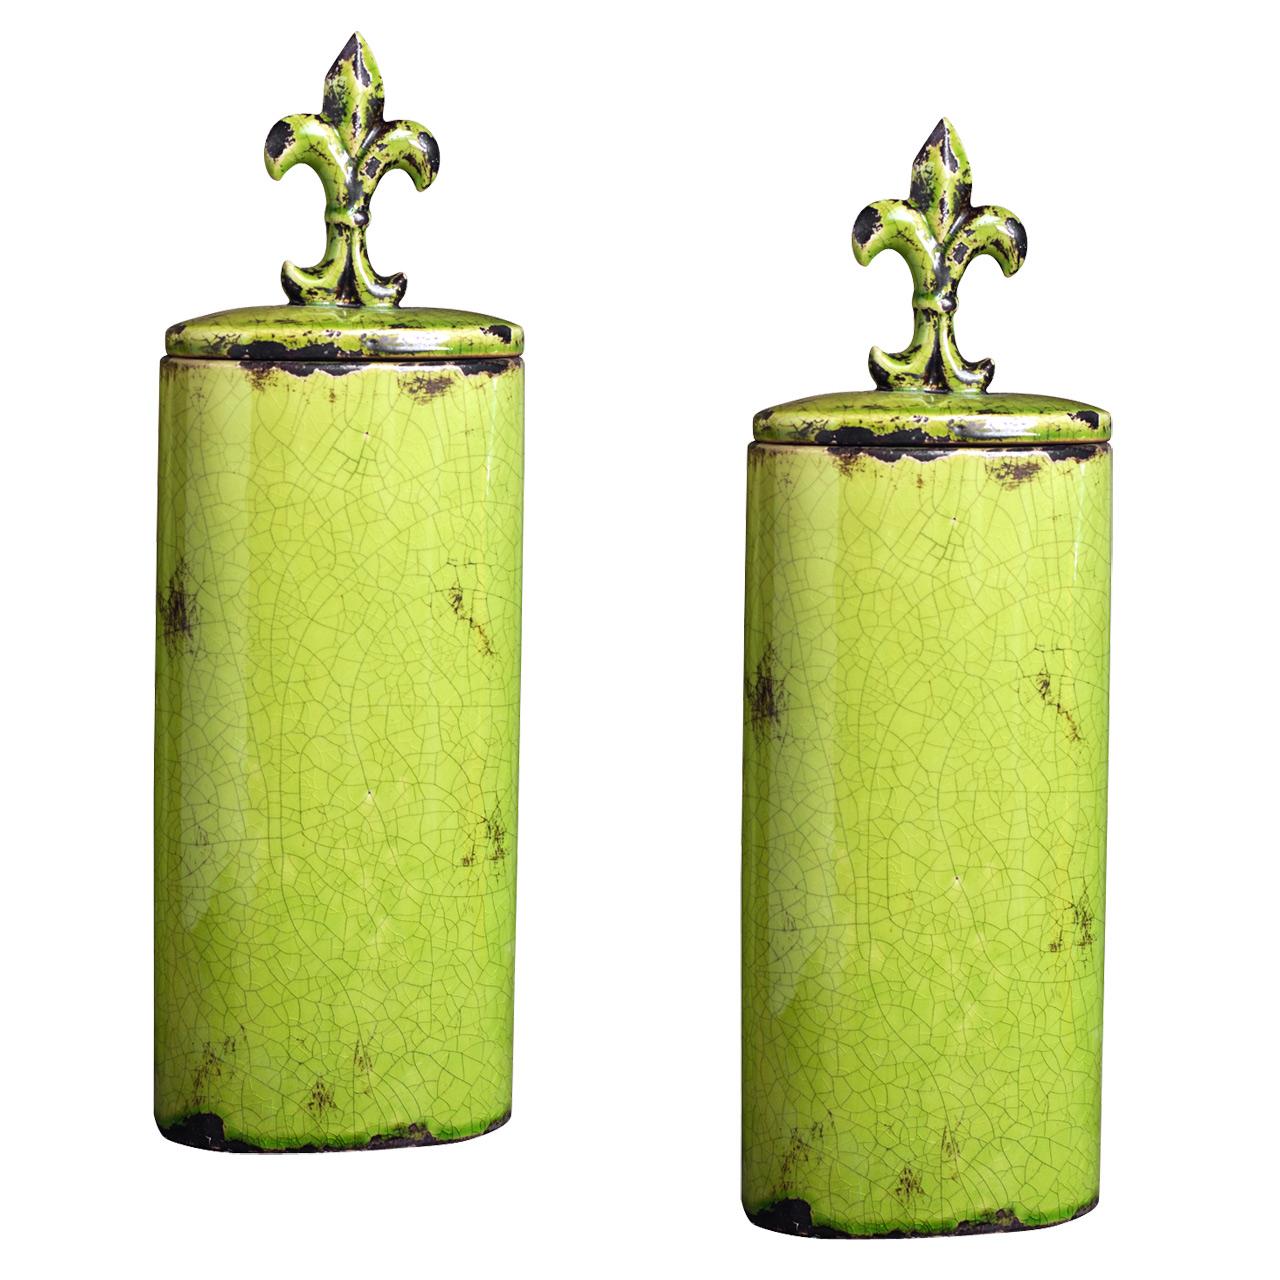 {} ARTEVALUCE Ваза с крышкой Orlenda Цвет: Зеленый (11х17х51 см - 2 шт) artevaluce ваза с крышкой orlenda цвет зеленый 11х17х51 см